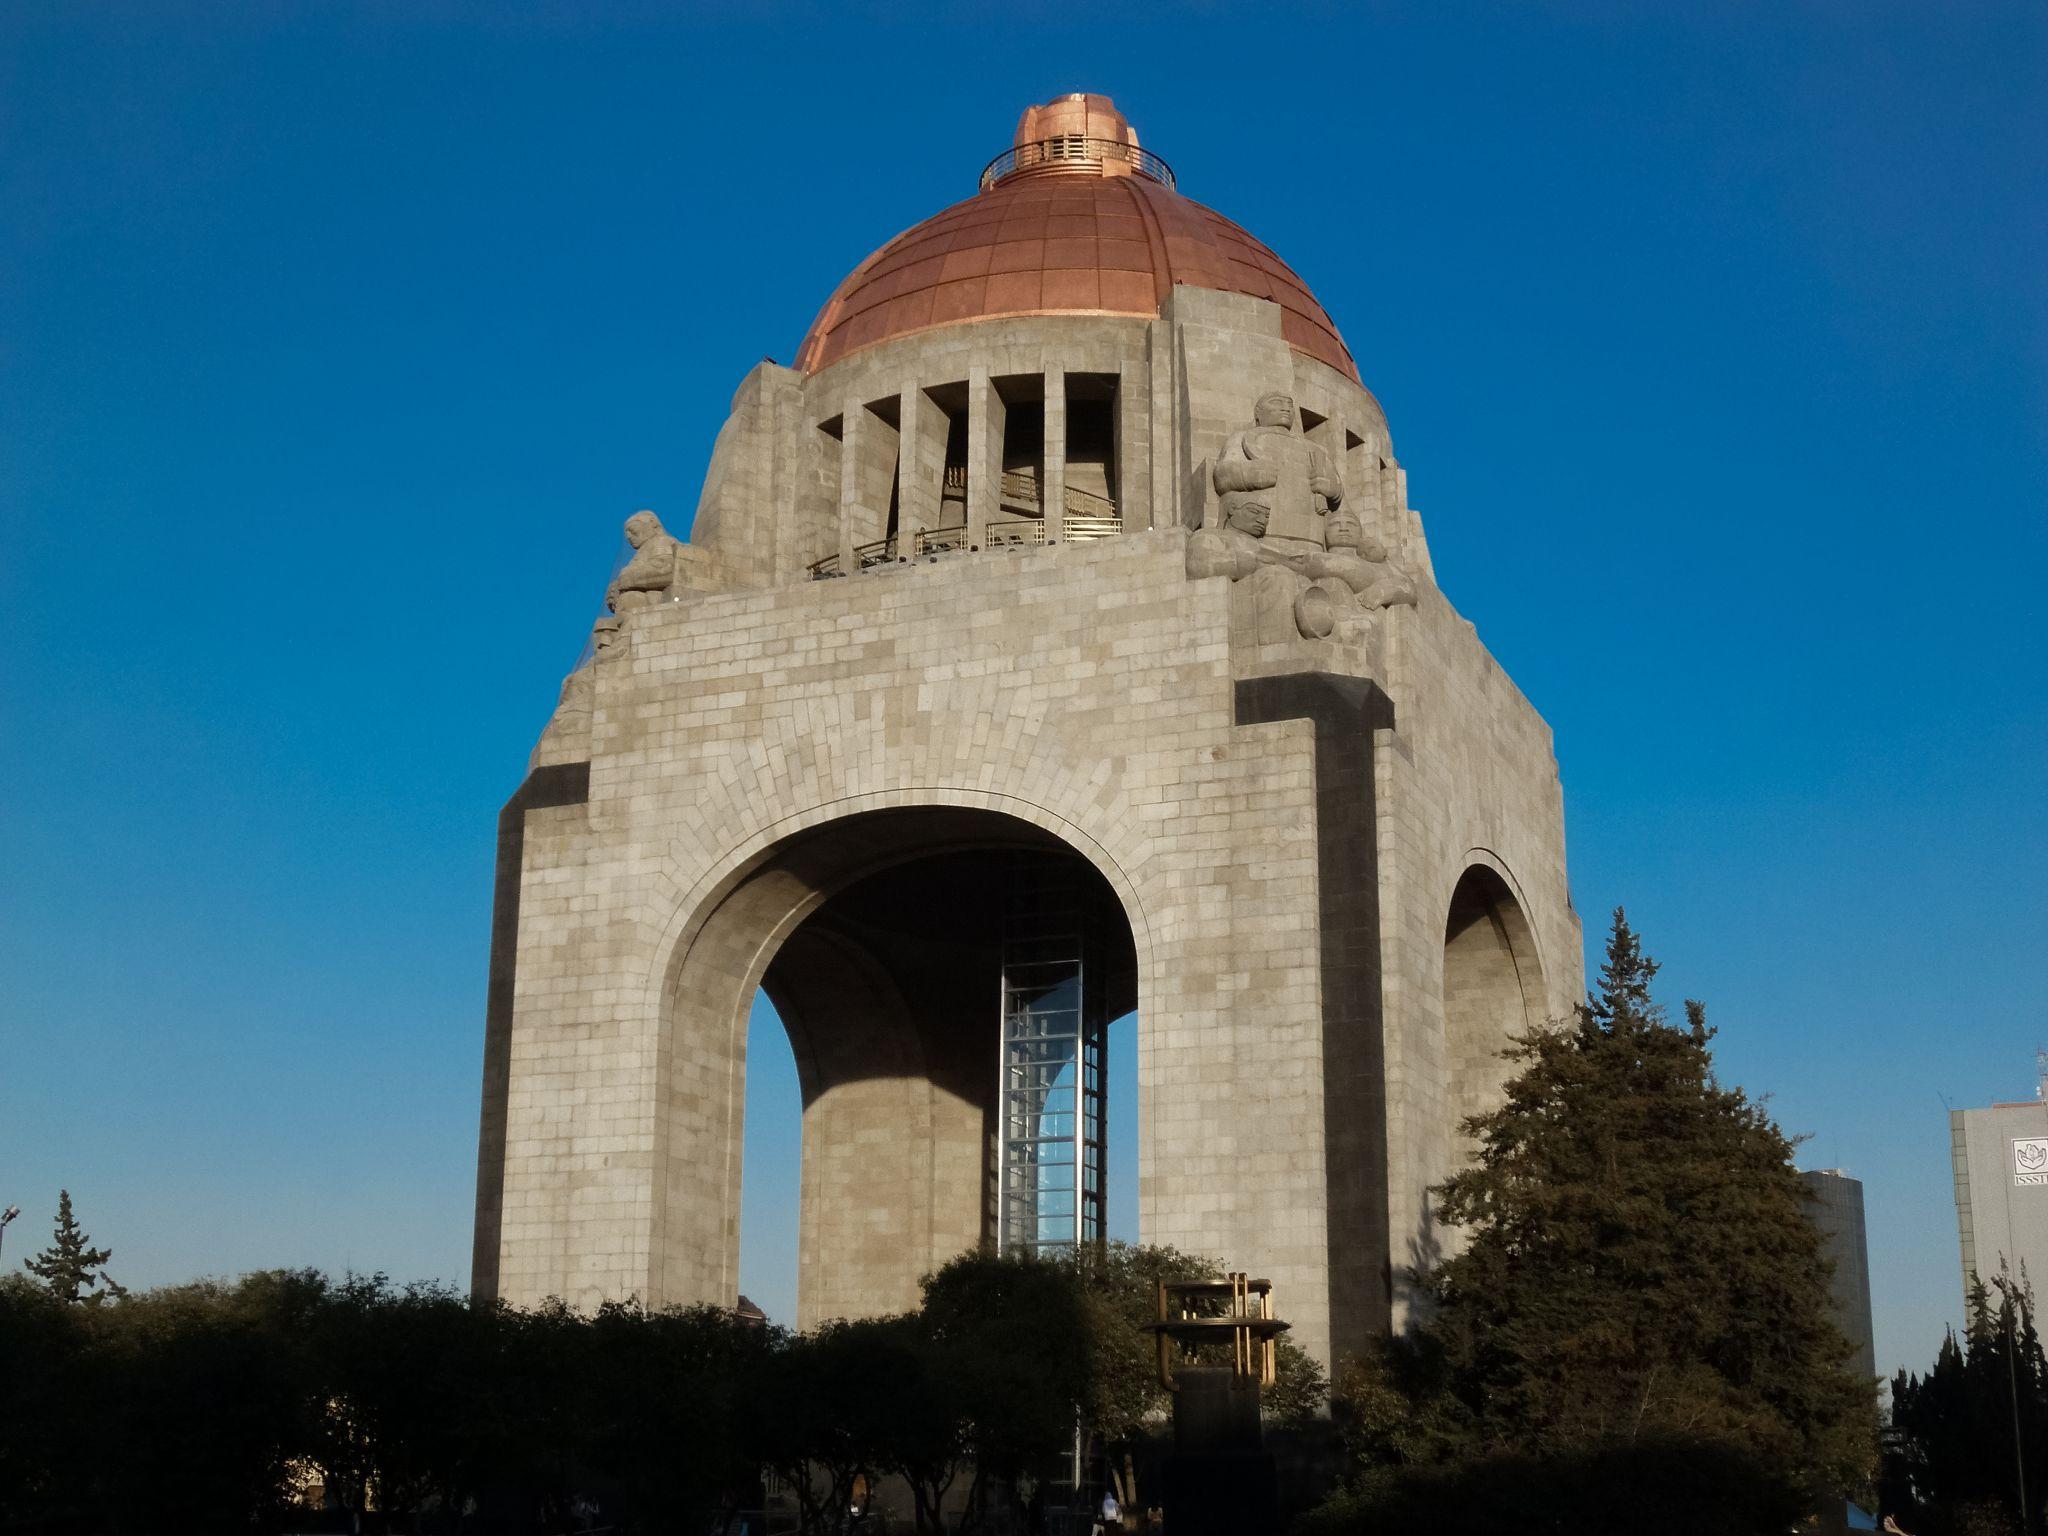 Monumento a la Revolucion, Mexico City, Mexico